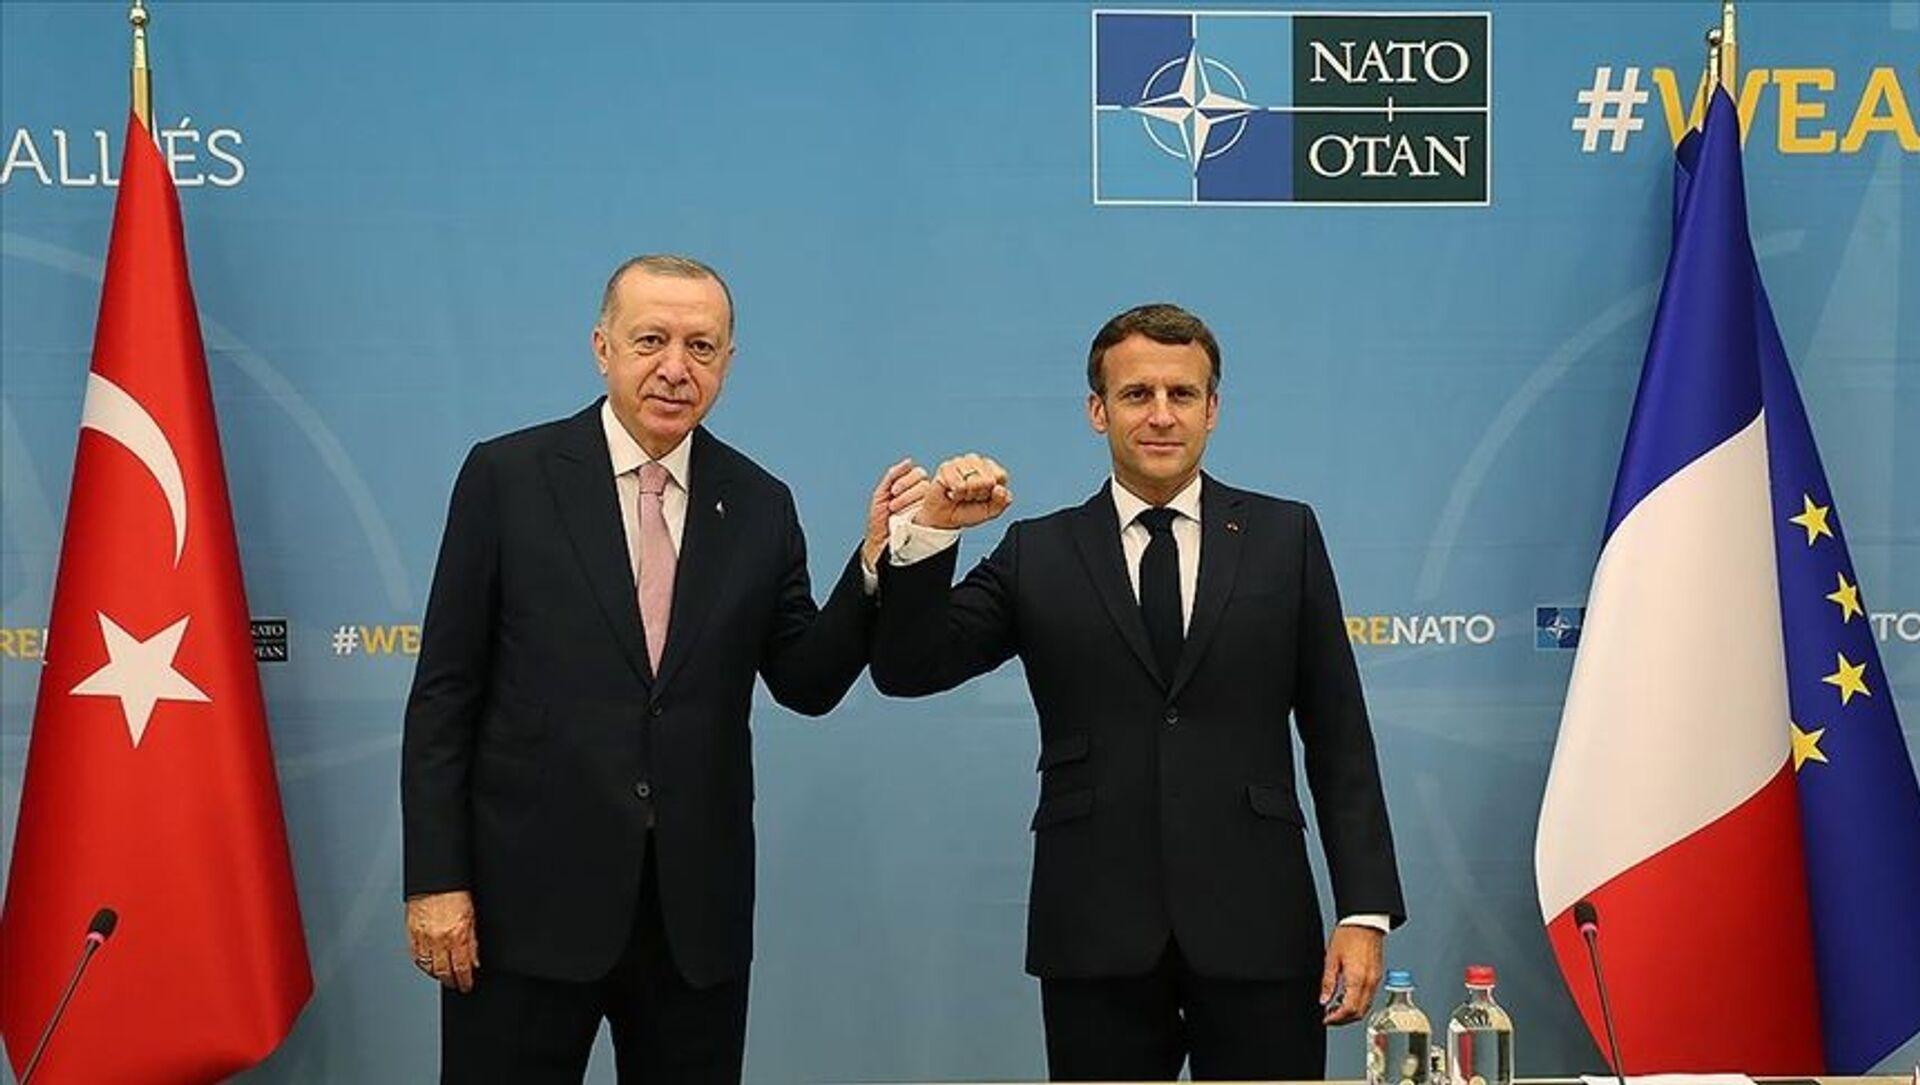 14 Haziran 2021'de Brüksel'deki NATO zirvesinde Recep Tayyip Erdoğan ile Emmanuel Macron görüşmesi - Sputnik Türkiye, 1920, 14.06.2021